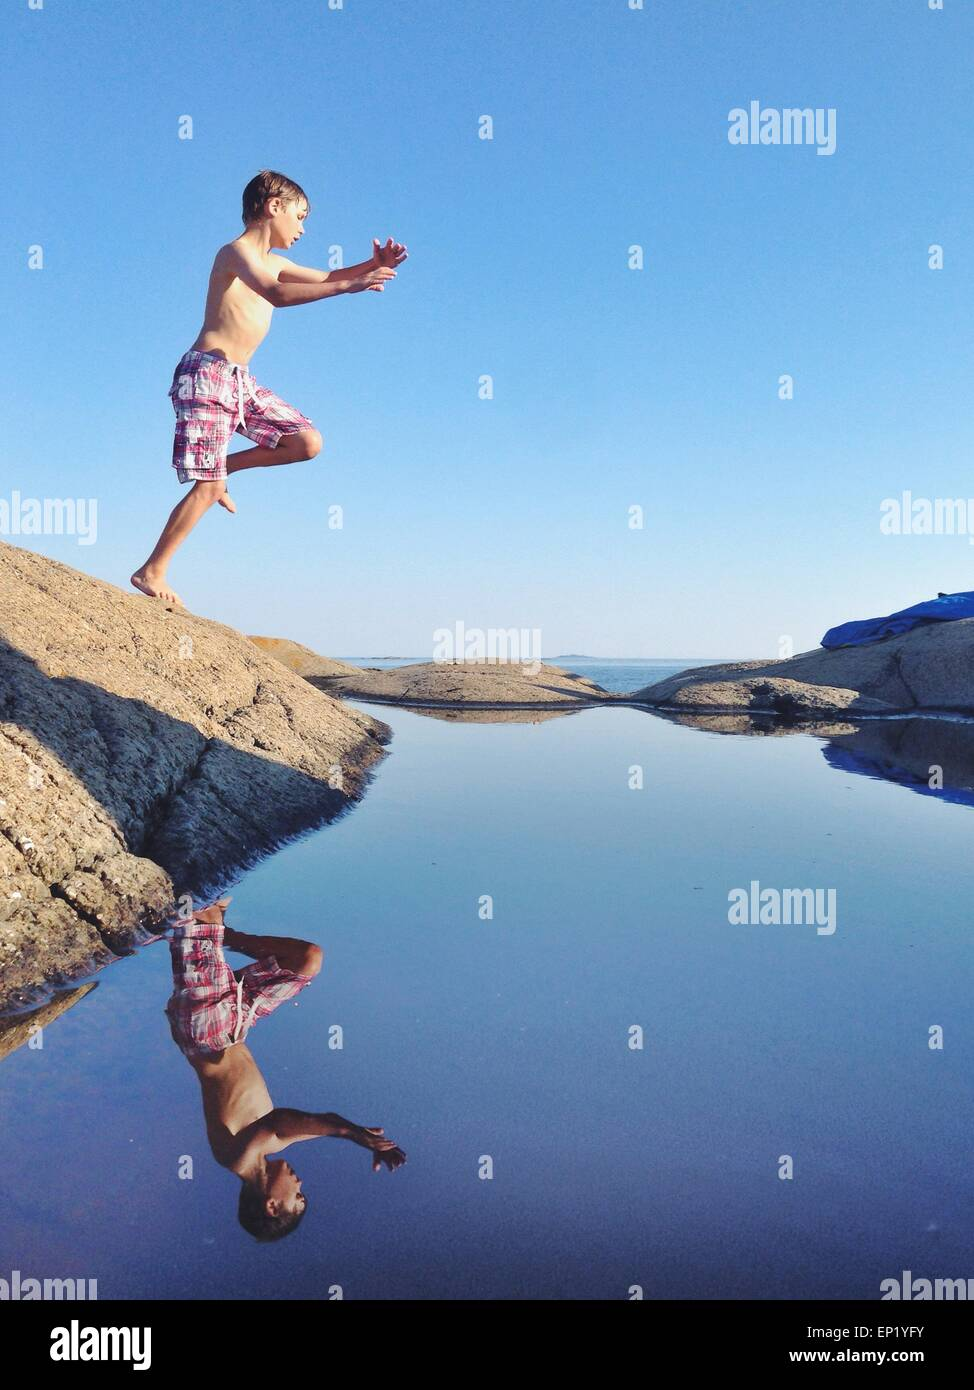 Junge von einem Felsen ins Meer springt Stockbild